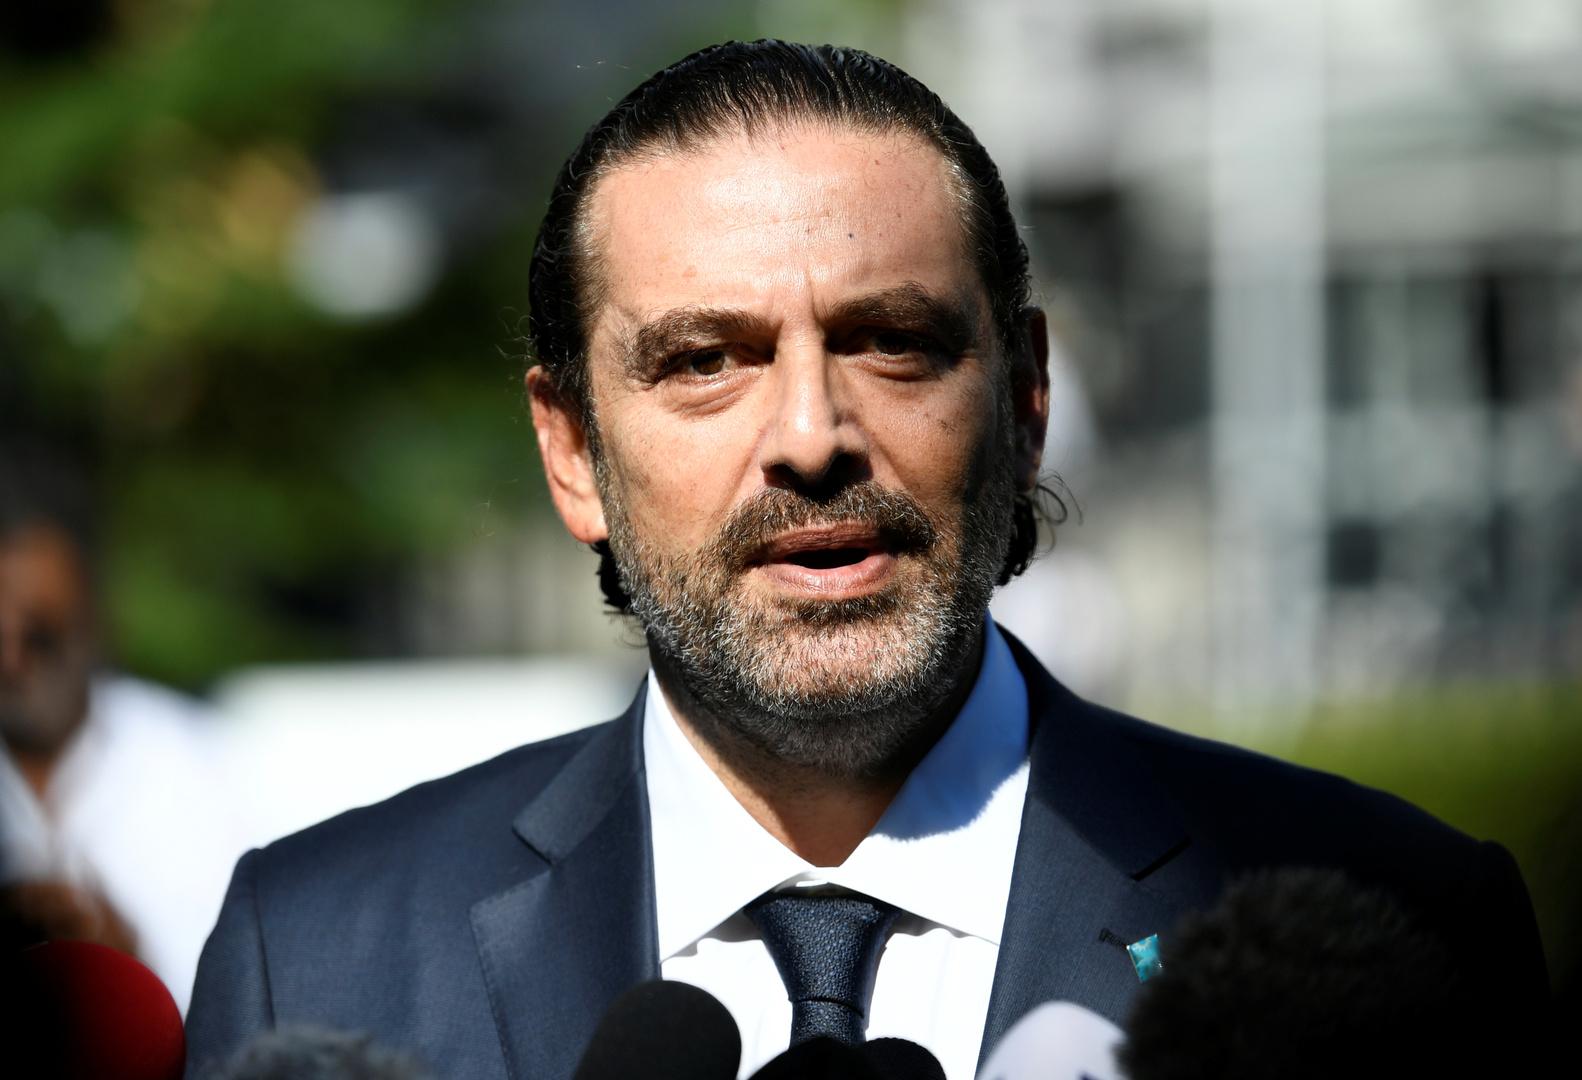 الحريري: لا تقدم  في تشكيل الحكومة اللبنانية وكل فريق يتحمل مسؤولية مواقفه